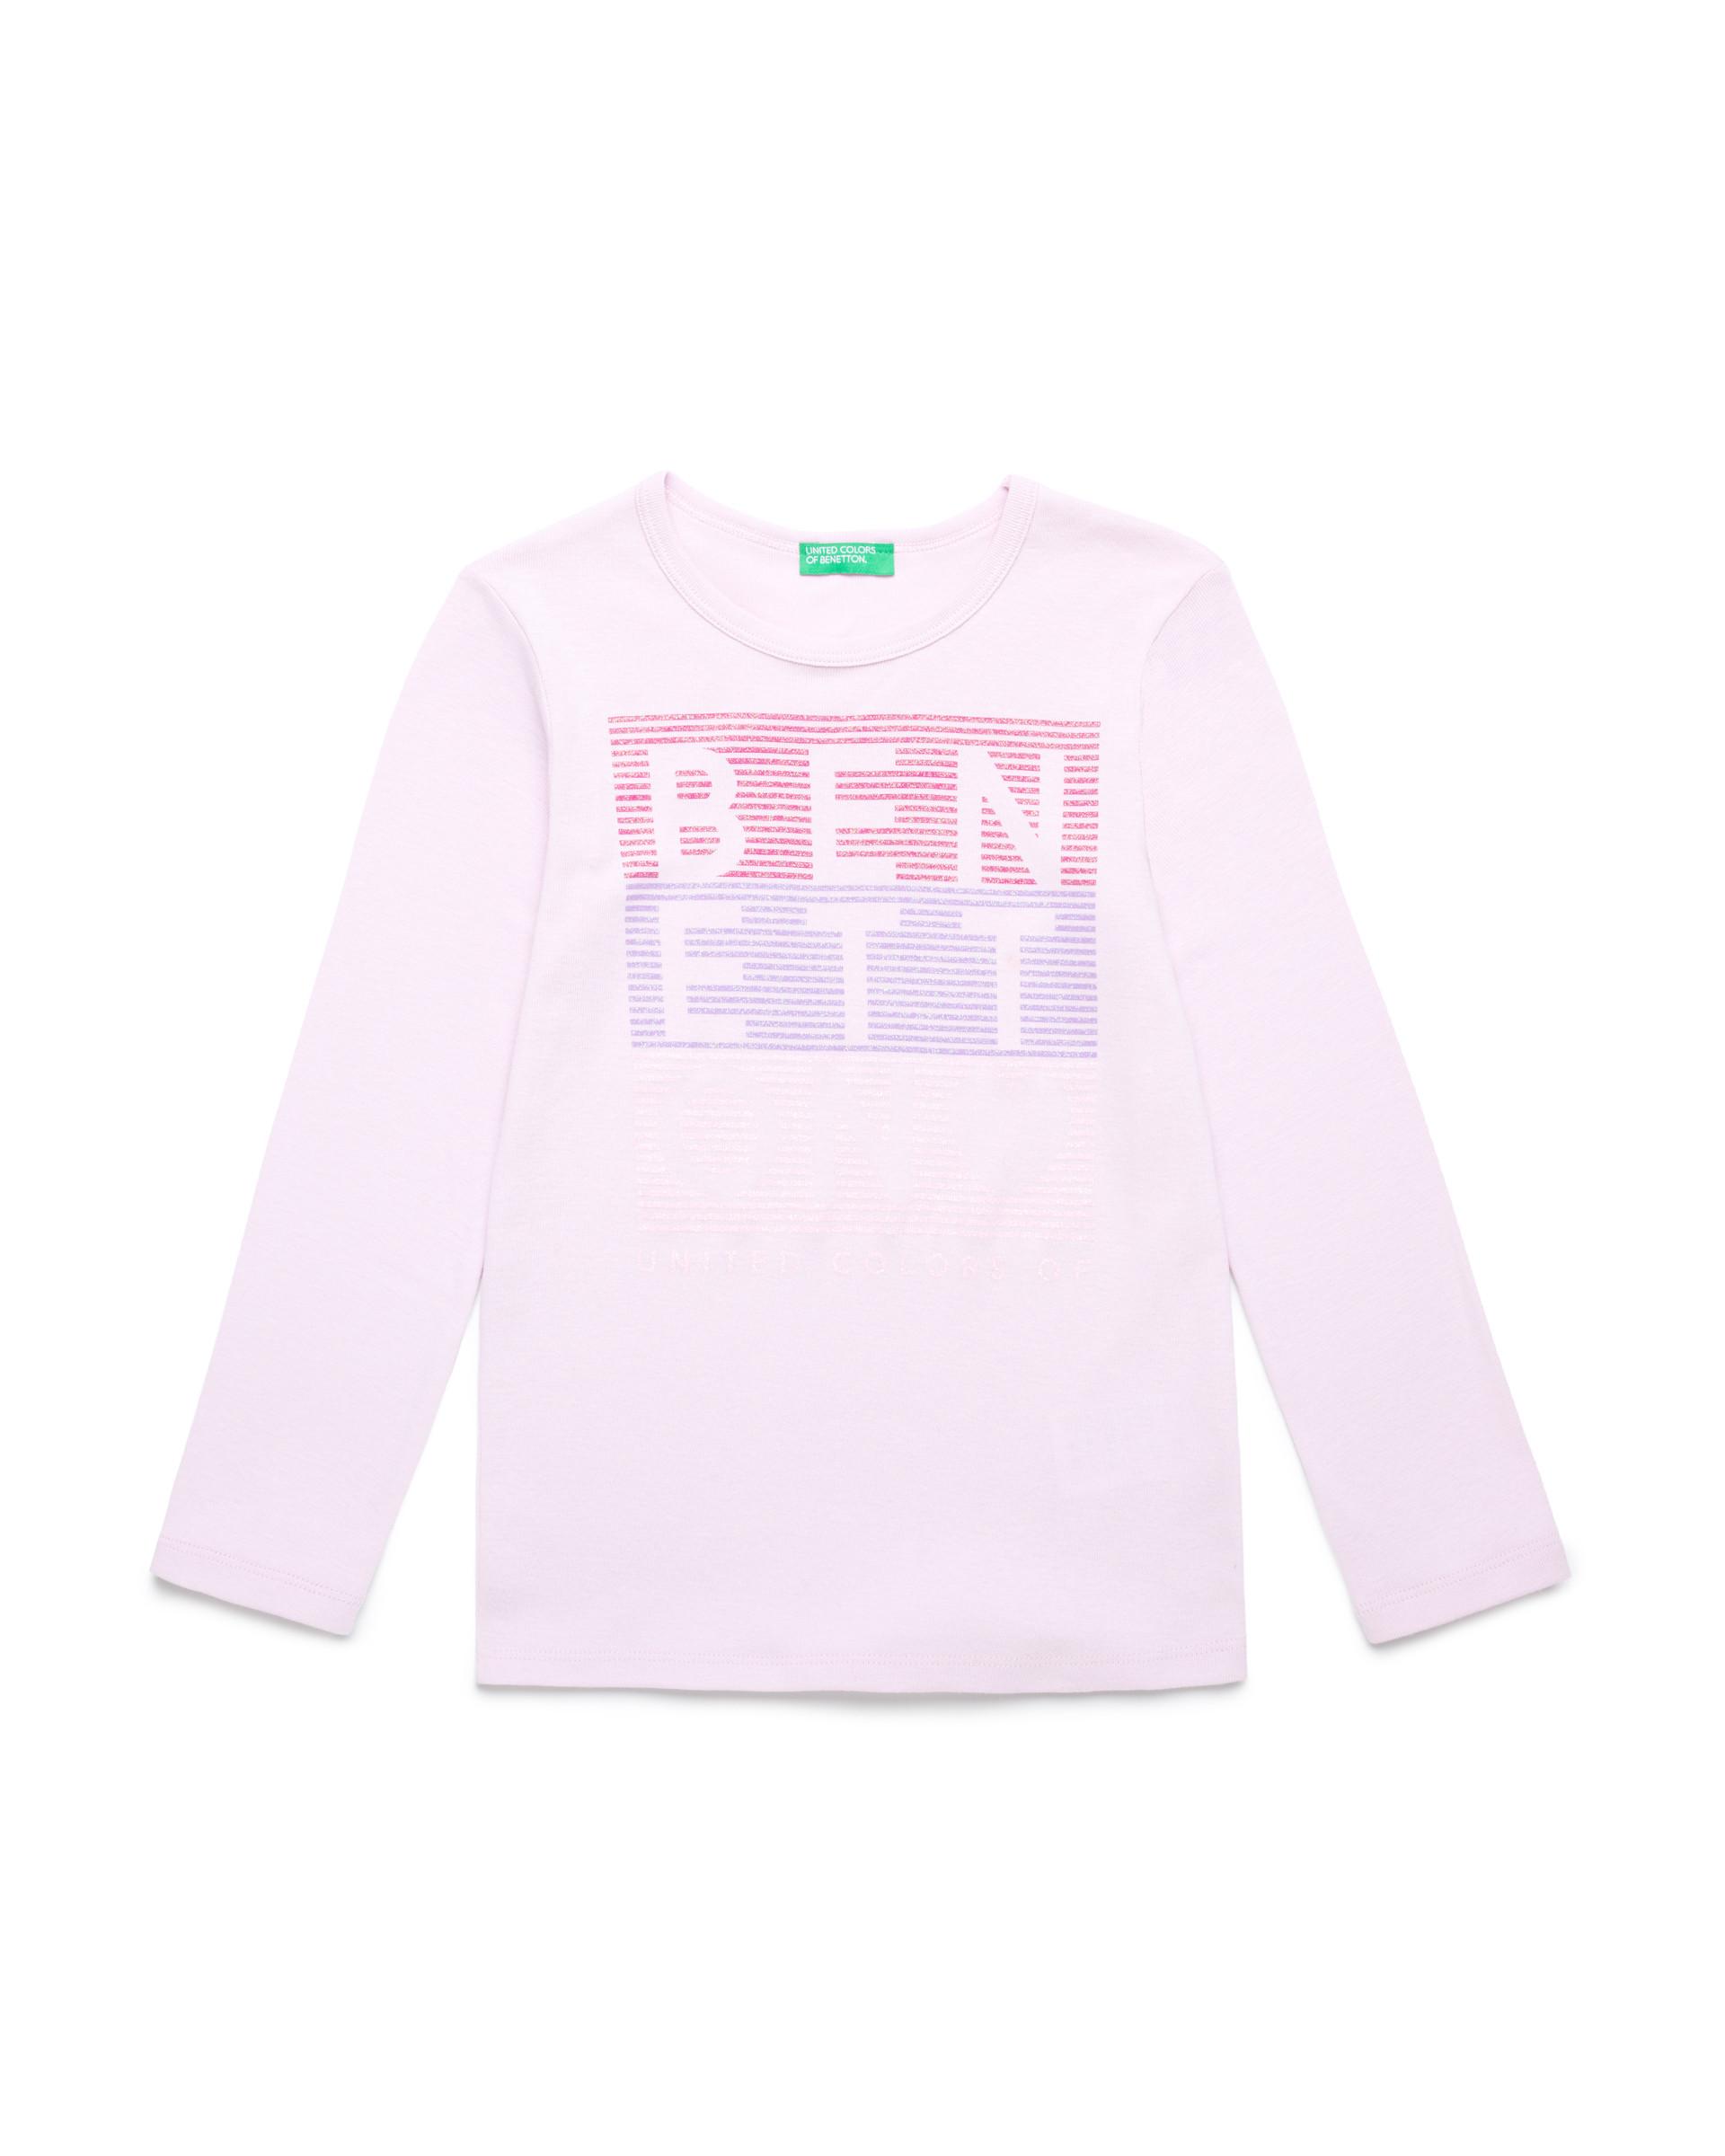 Купить 20P_3I9WC14J3_07M, Футболка для девочек Benetton 3I9WC14J3_07M р-р 80, United Colors of Benetton, Кофточки, футболки для новорожденных